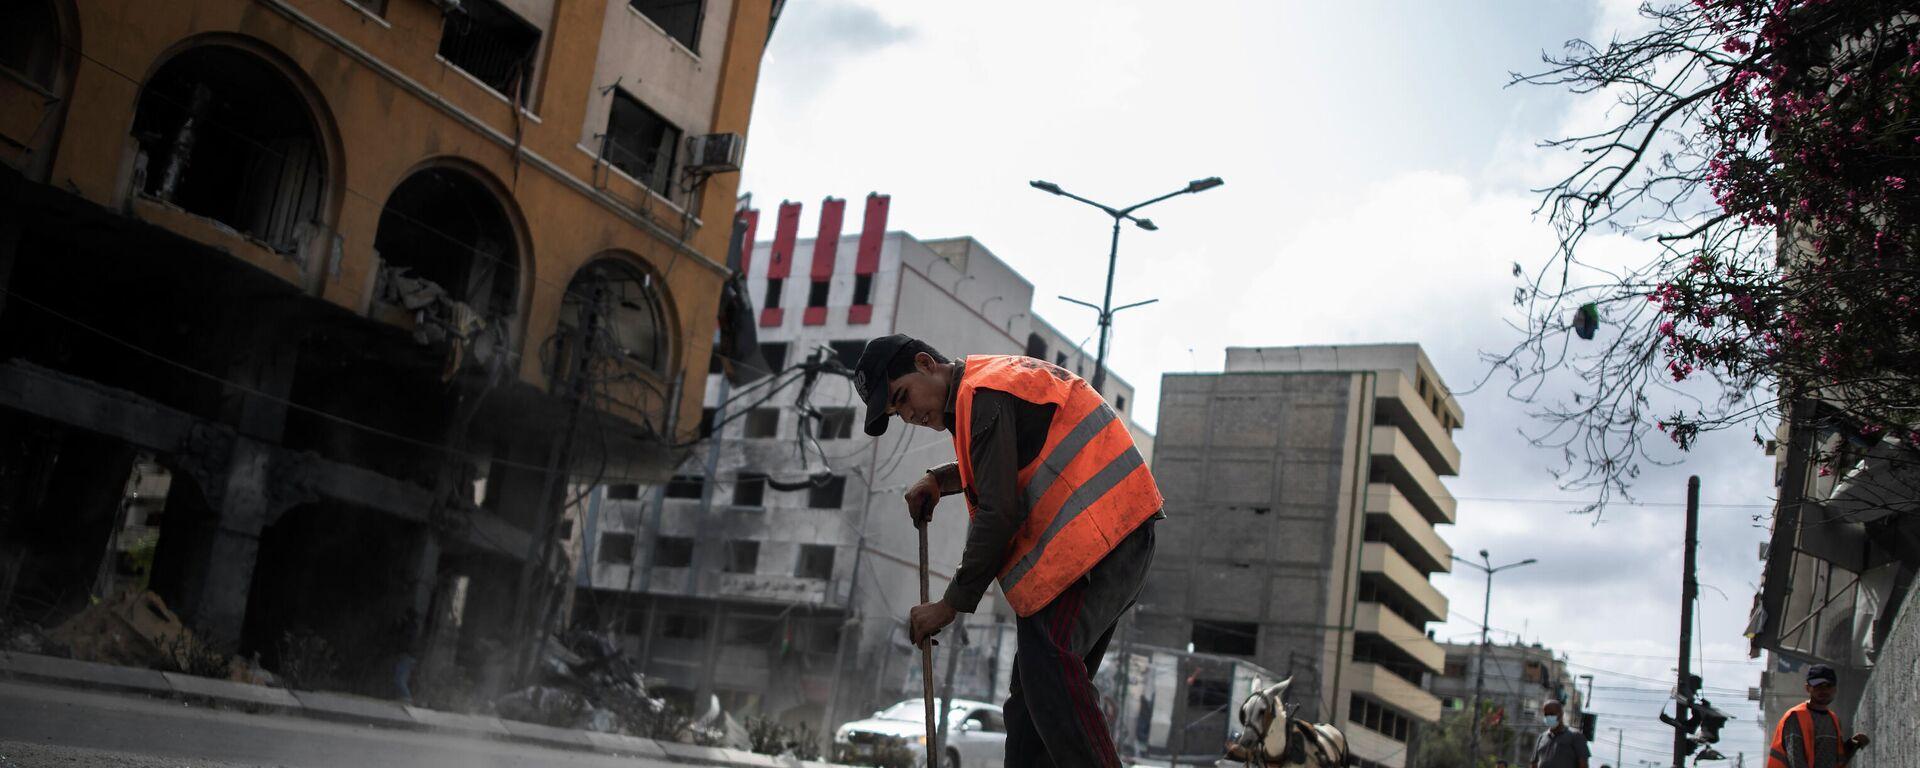 Un trabajador municipal en una calle de Gaza - Sputnik Mundo, 1920, 25.07.2021